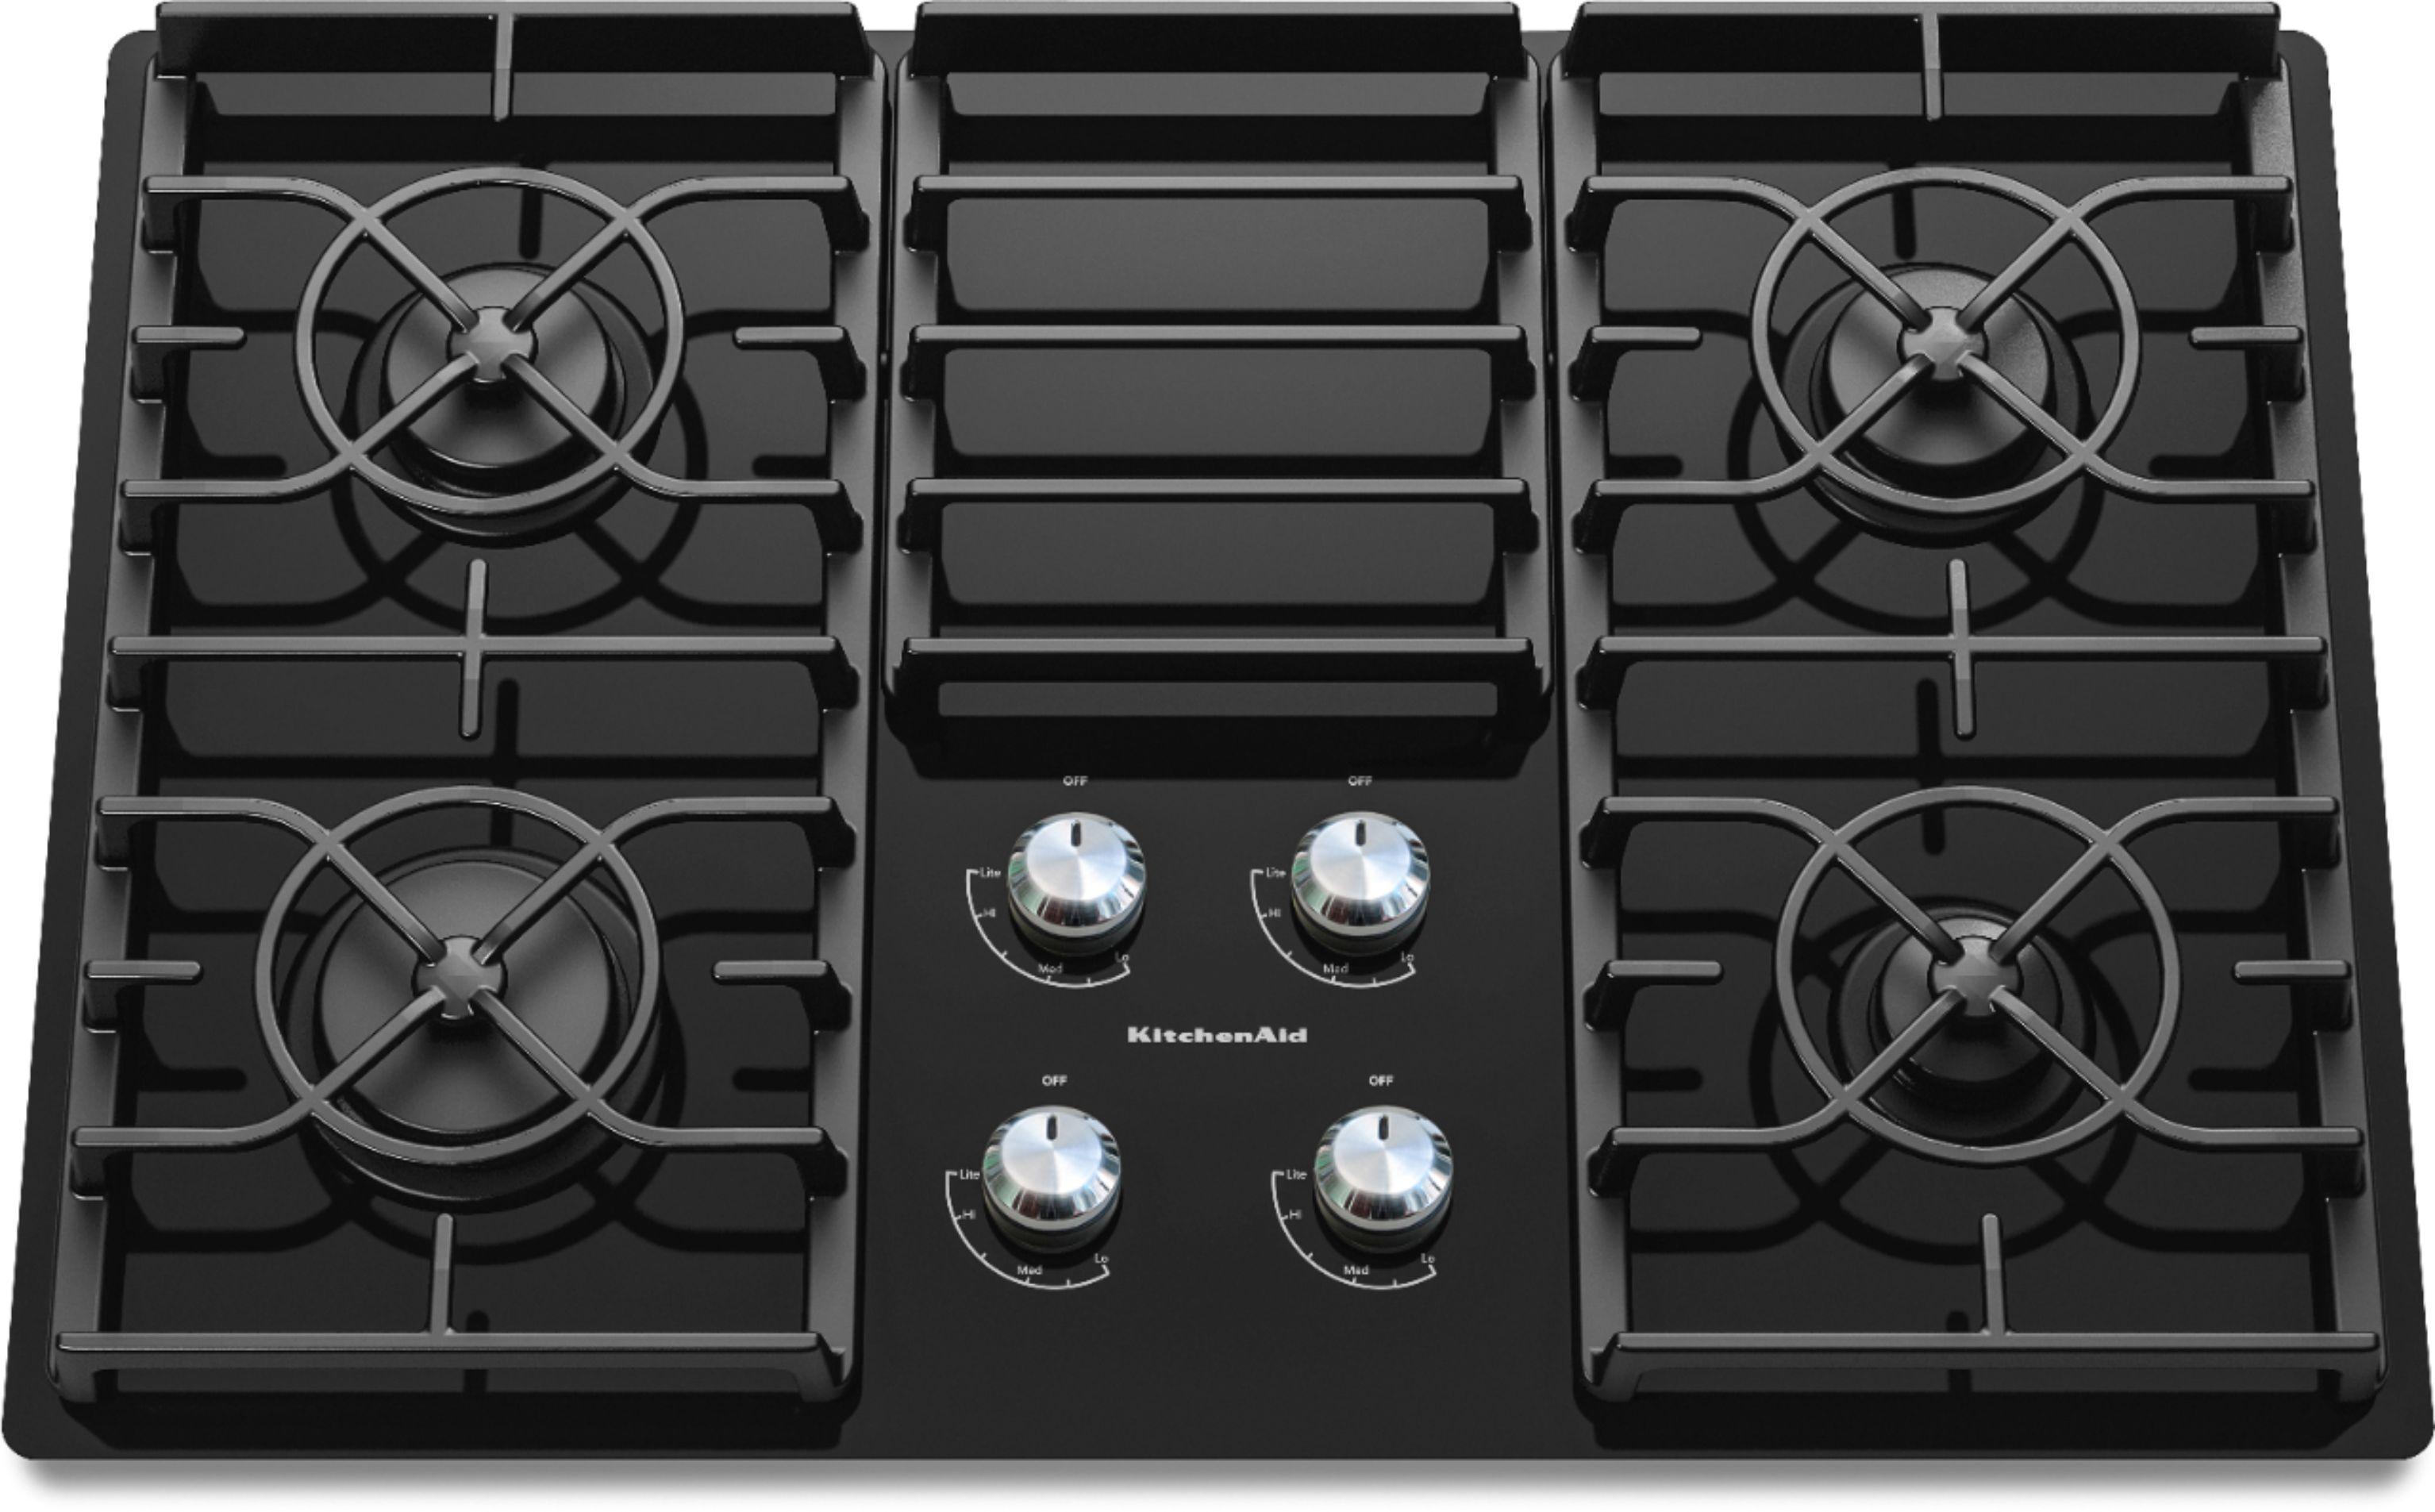 Kitchenaid 30 Built In Gas Cooktop Black Kgcc506rbl Best Buy In 2020 Gas Cooktop Glass Cooktop Kitchen Aid Appliances